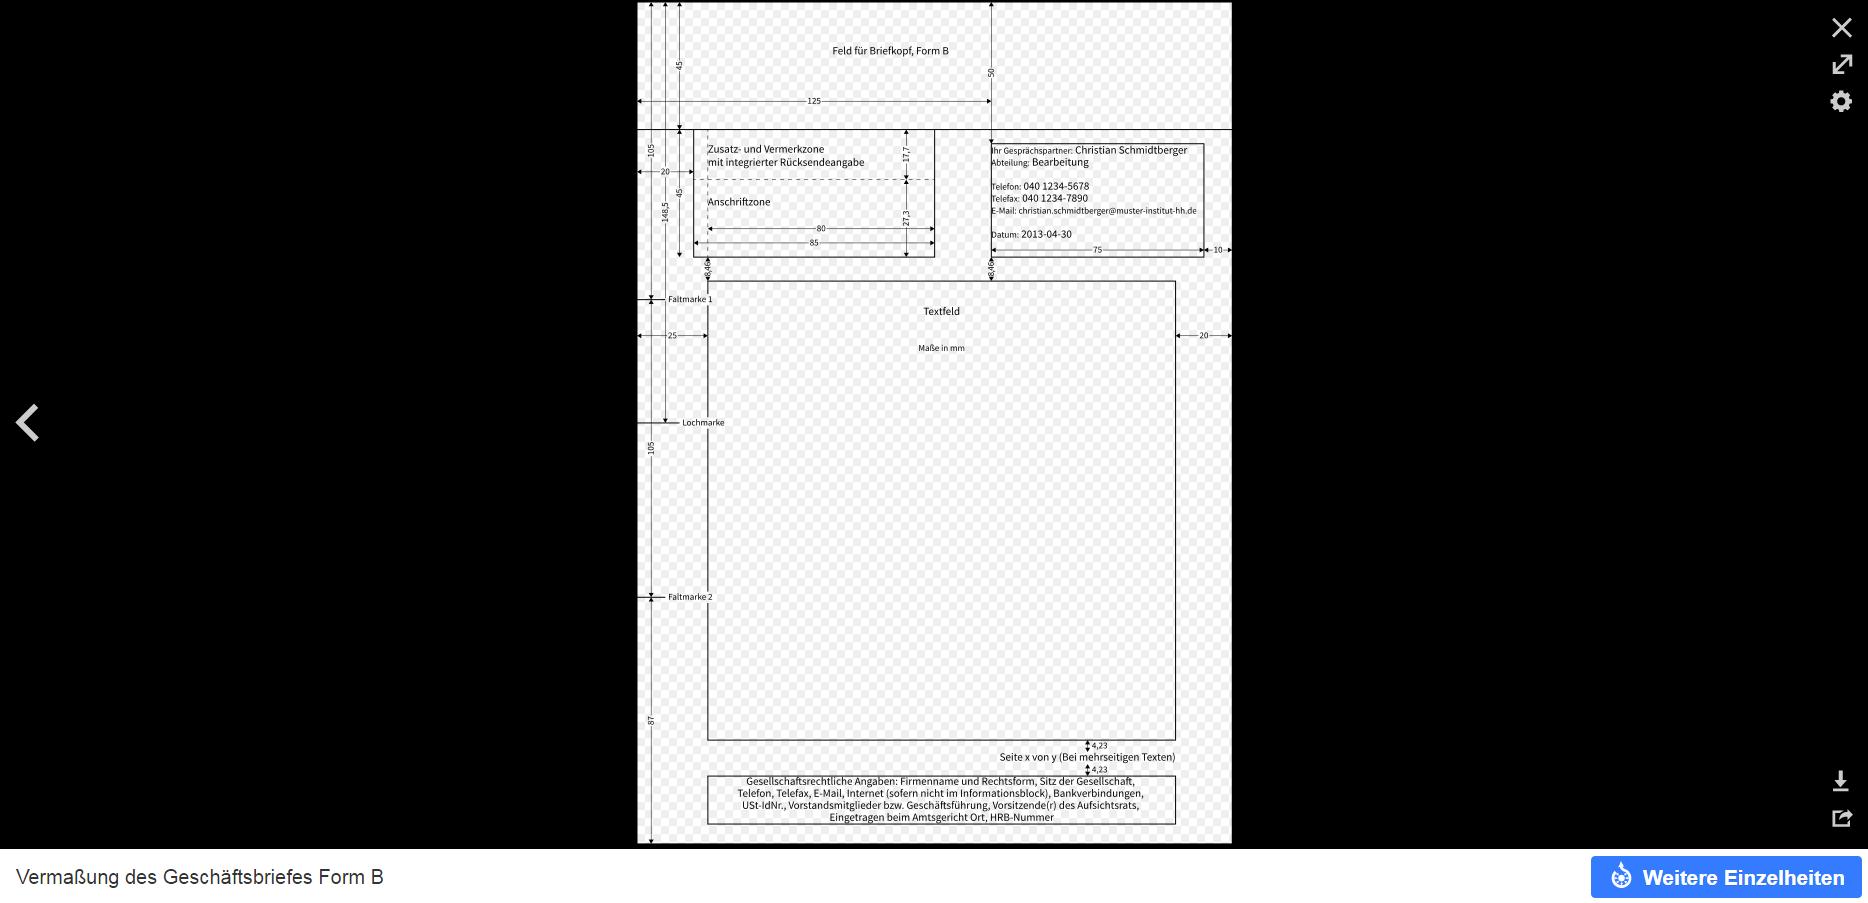 Design Trifft Din Edles Briefpapier Gestalten